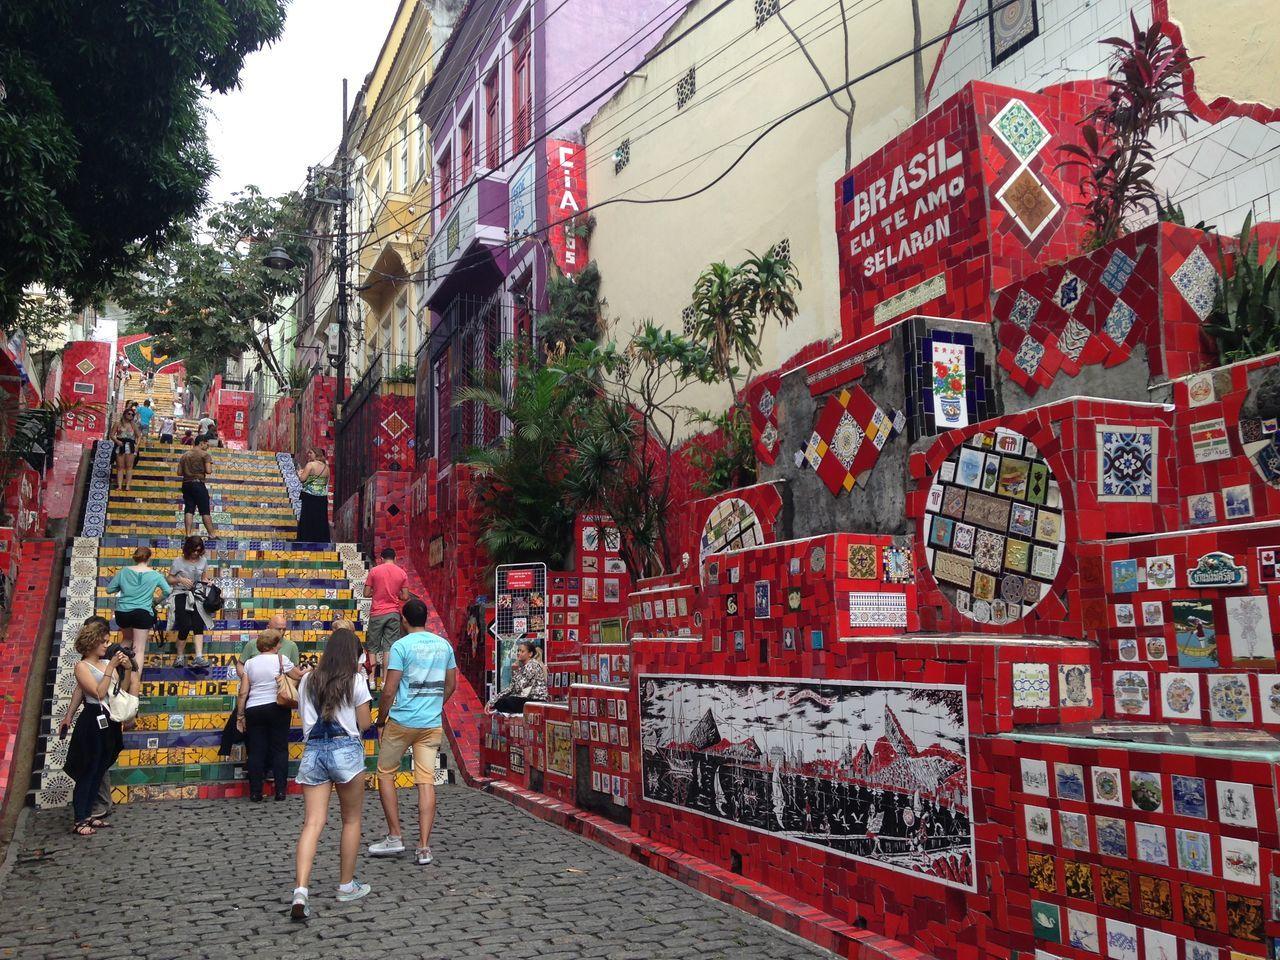 Escadaria Selarón Lapa Rio De Janeiro Brazil